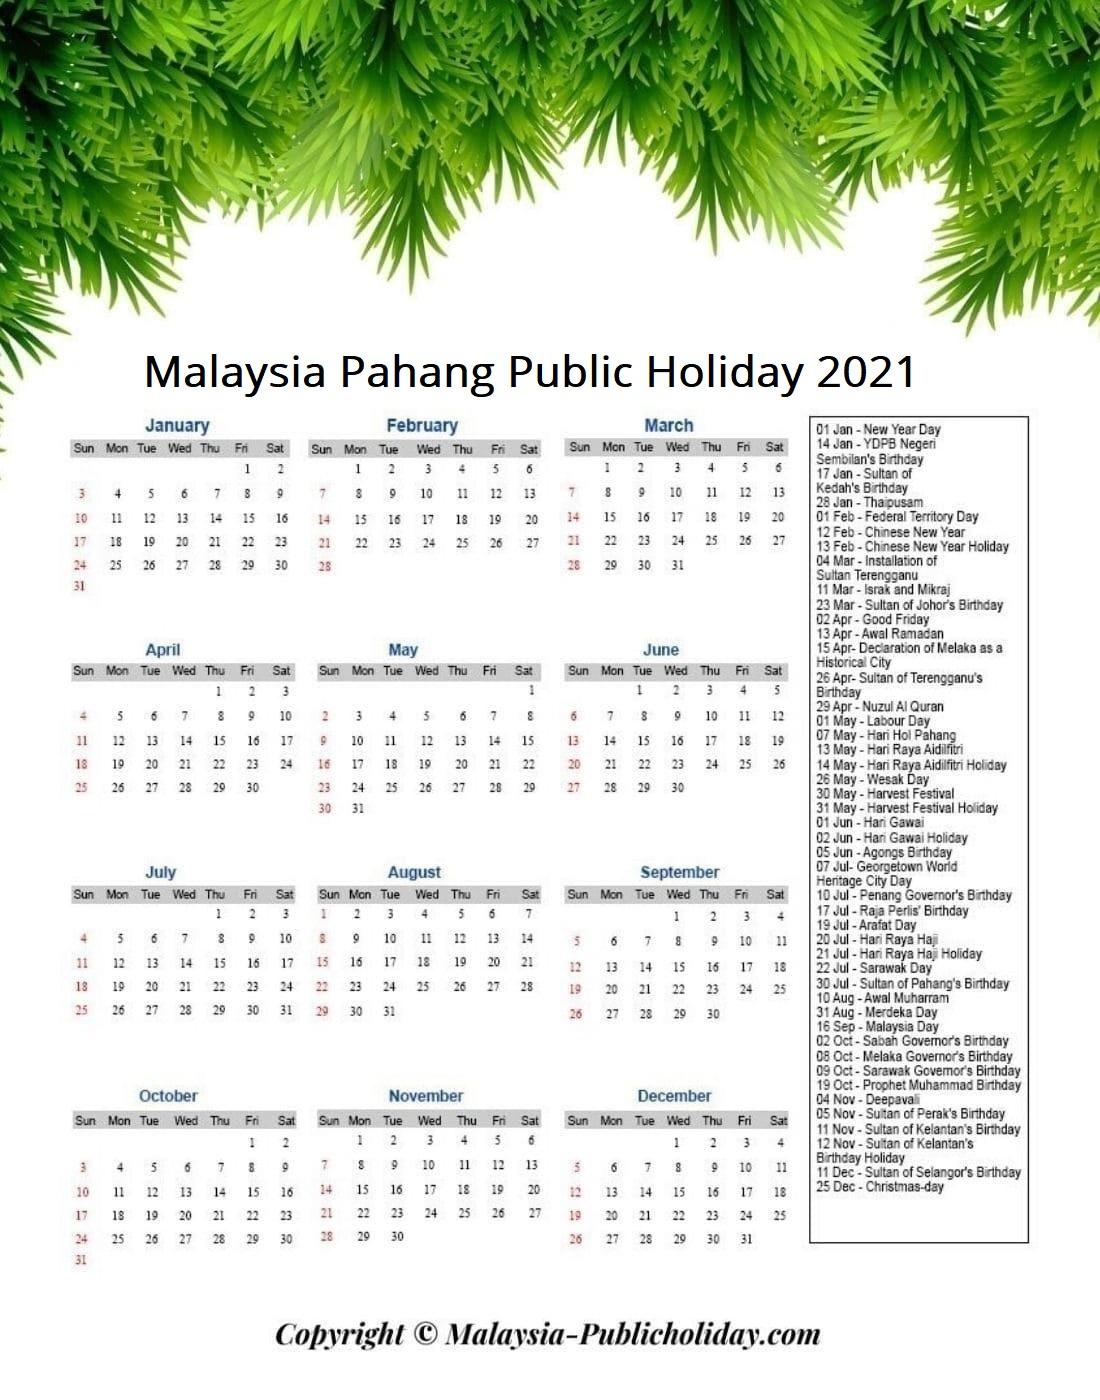 Pahang Holiday 2021 Malaysia